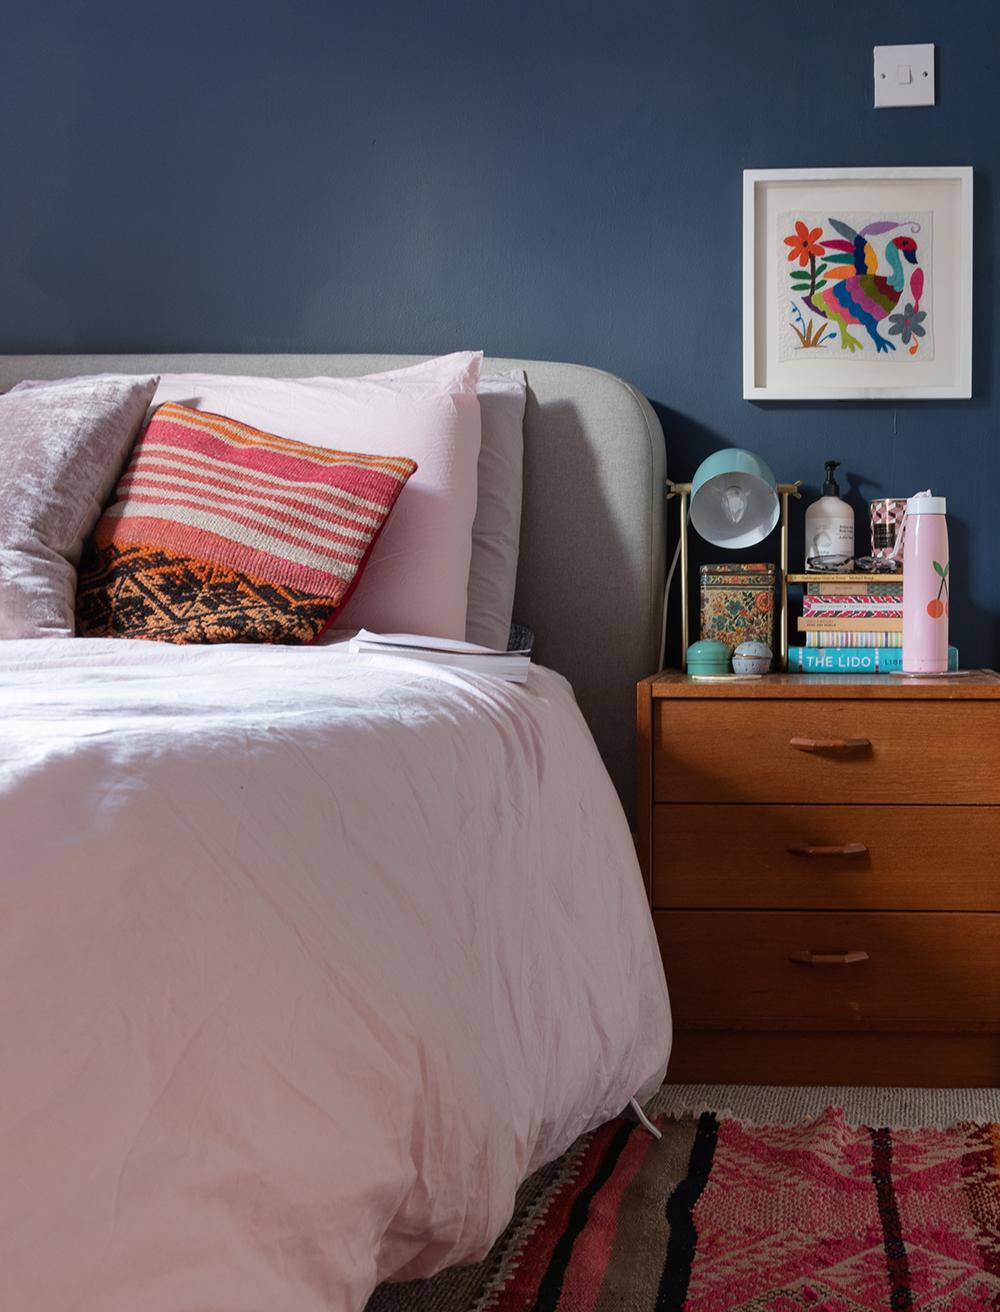 emma block bedroom vinterior 3.jpg